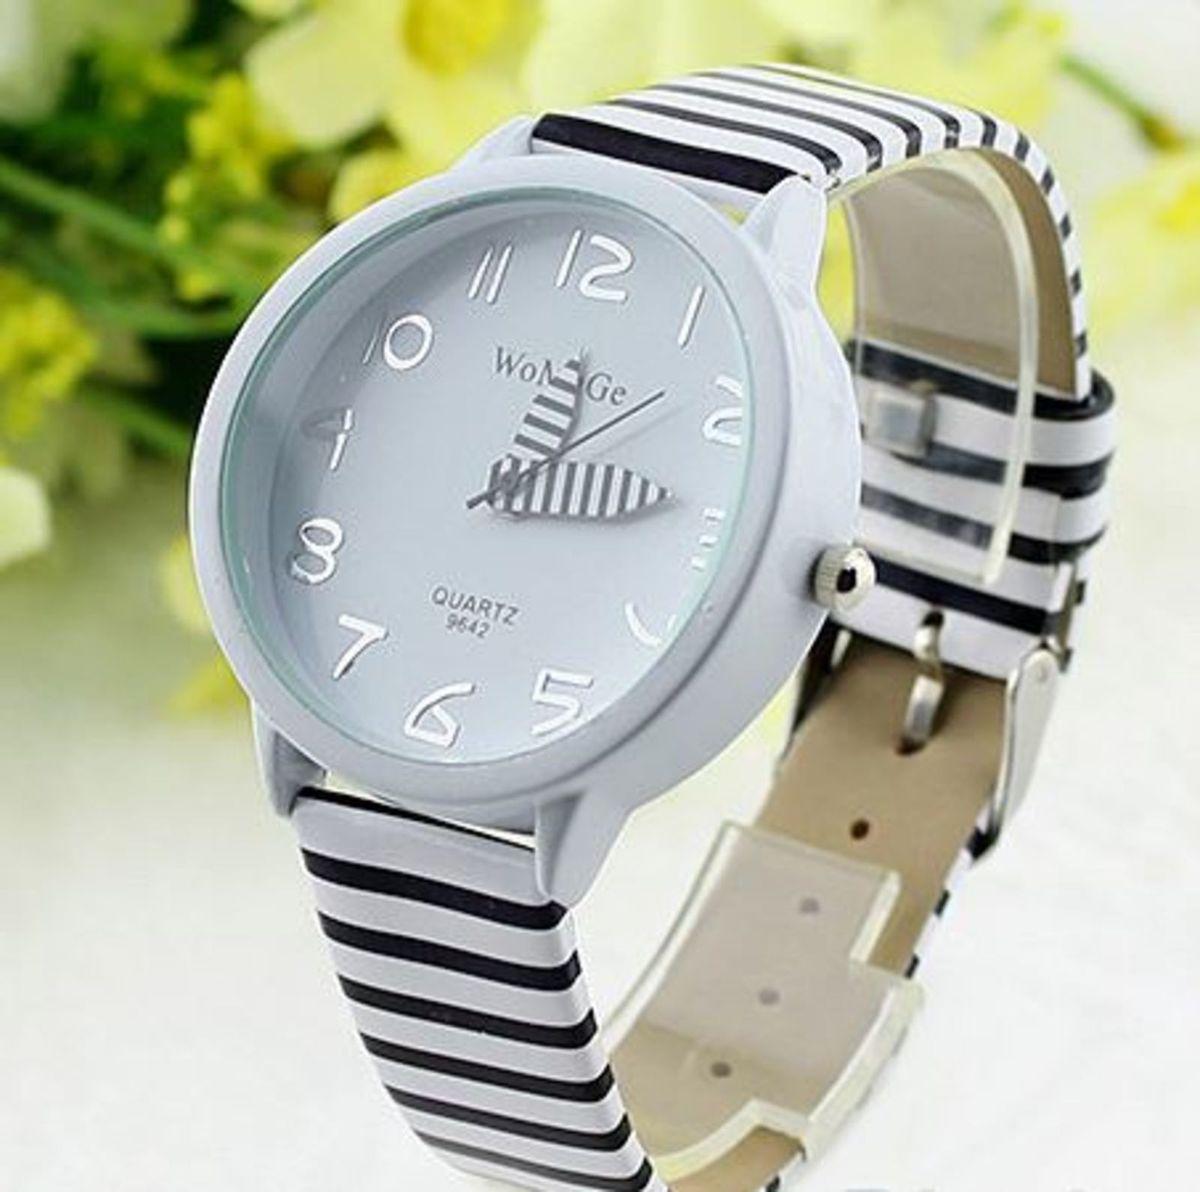 105a3301612 relógio listrado feminino - relógios importado.  Czm6ly9wag90b3muzw5qb2vplmnvbs5ici9wcm9kdwn0cy81mjcxoc8zmgu4ndvlnzg0mze3nwzknjc0ytvhnwu0yjg3zgjjzi5qcgc